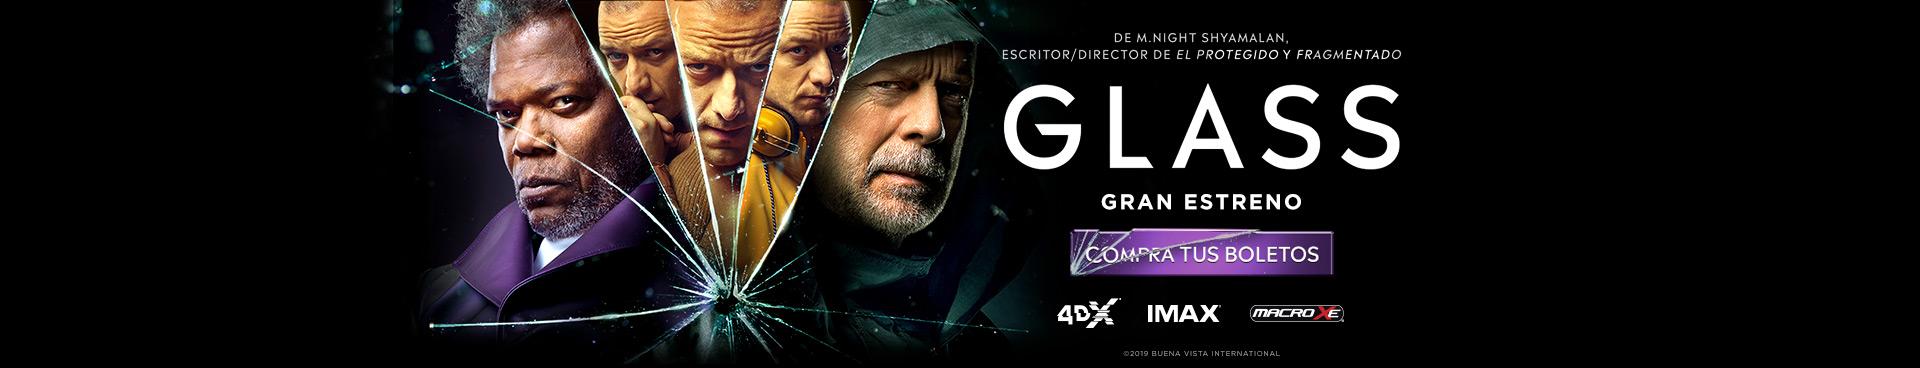 Gran Estreno: Glass